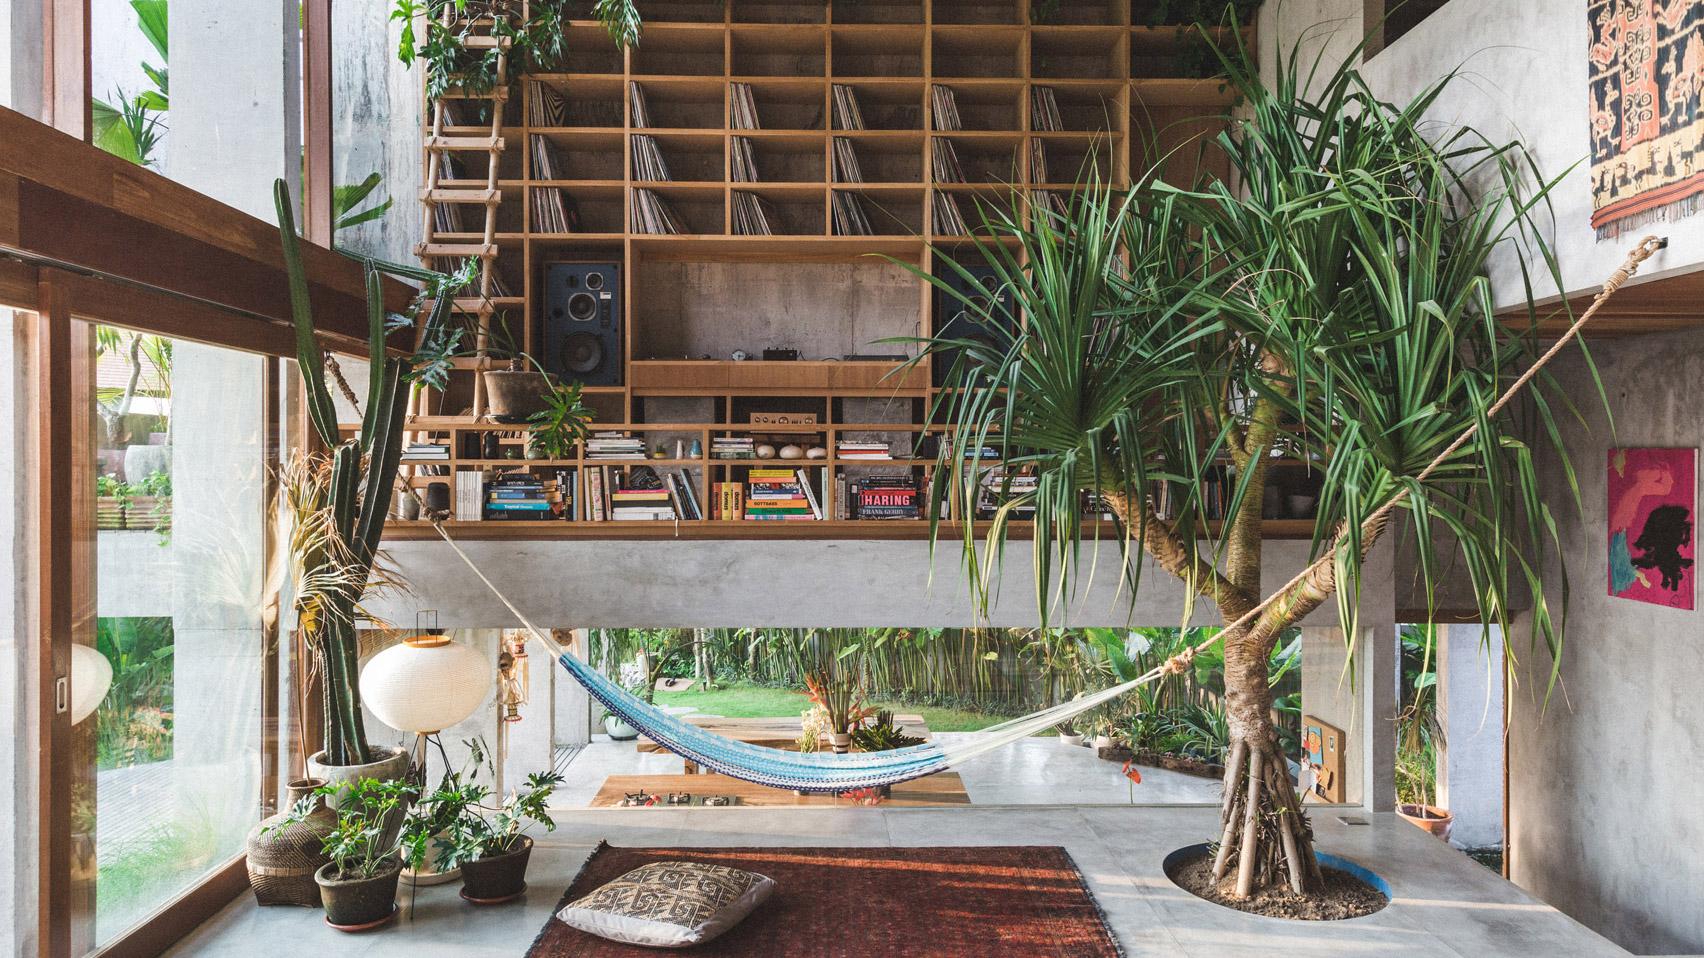 Ngôi nhà đầy sắc màu nhiệt đới với cây xanh phủ kín mọi góc nhìn - Ảnh 2.